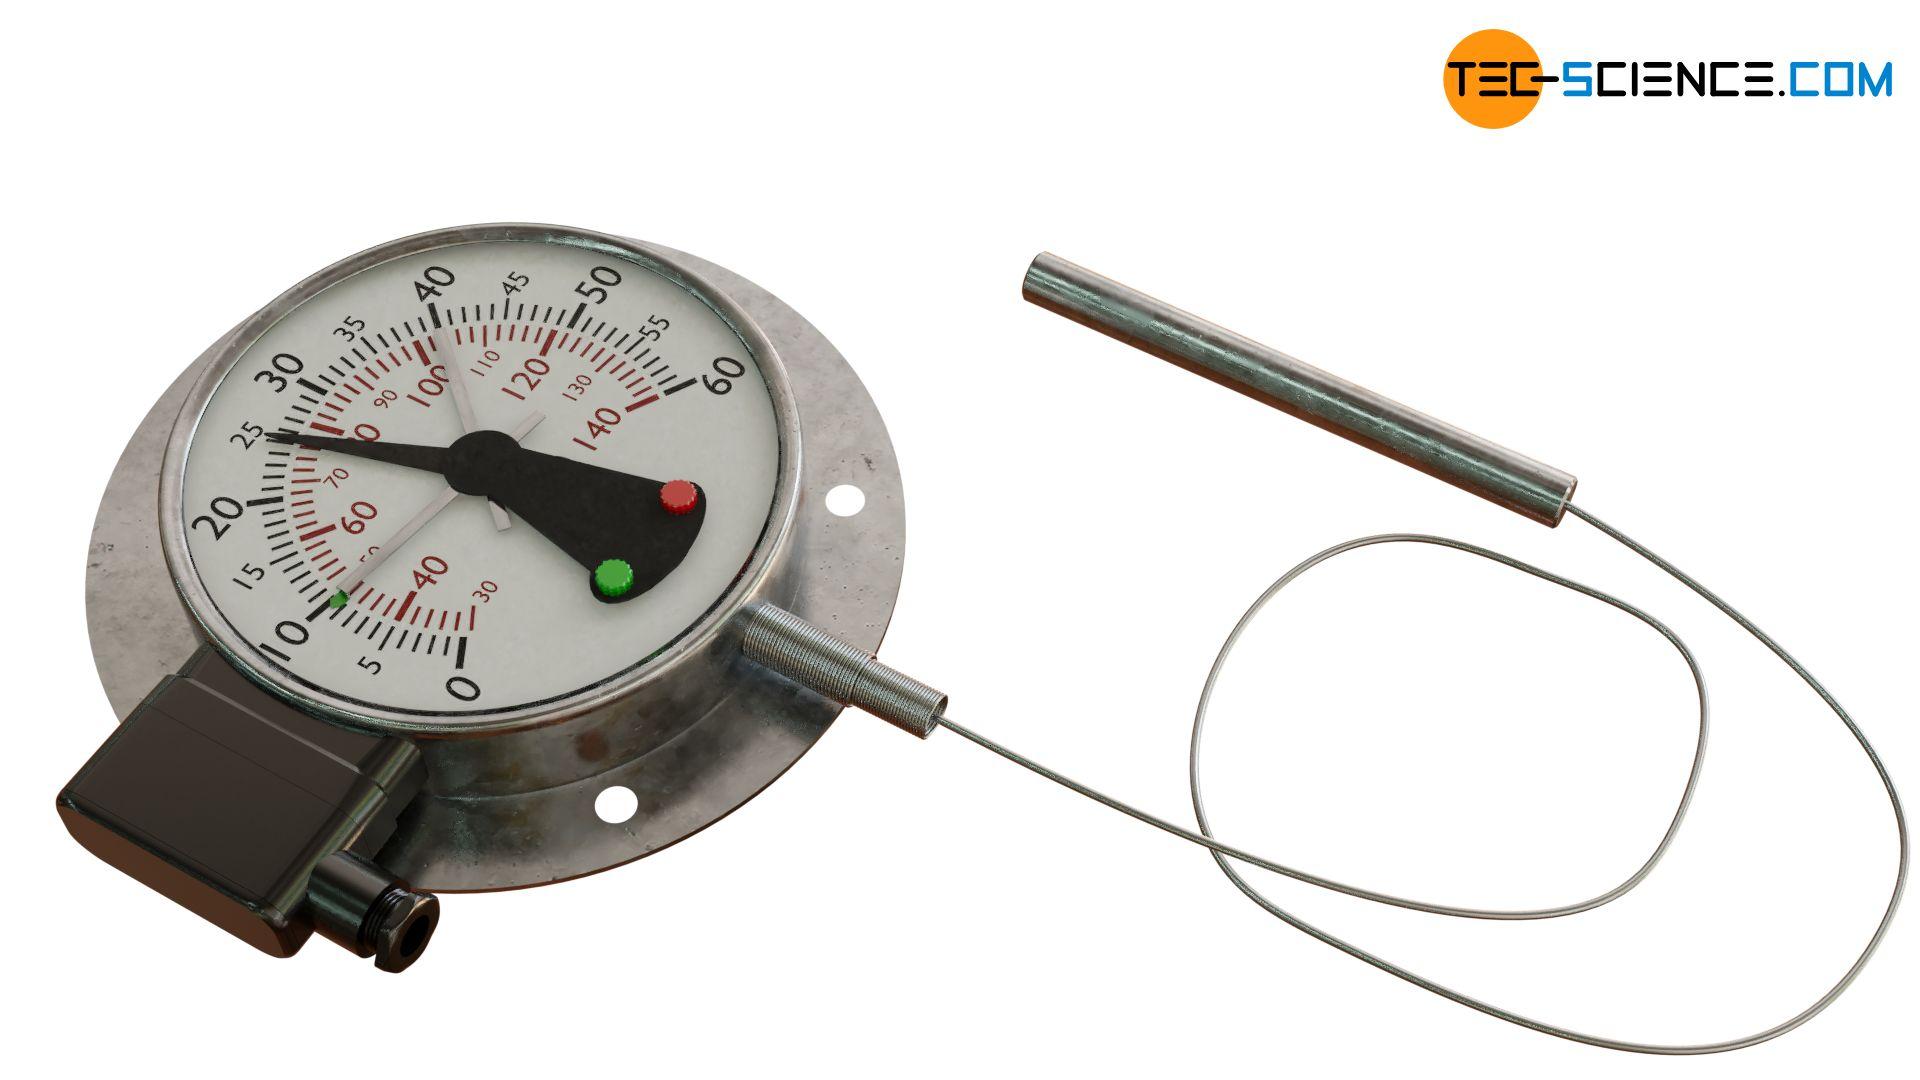 Flüssigkeitsdruck-Federthermometer mit Schaltkontakt